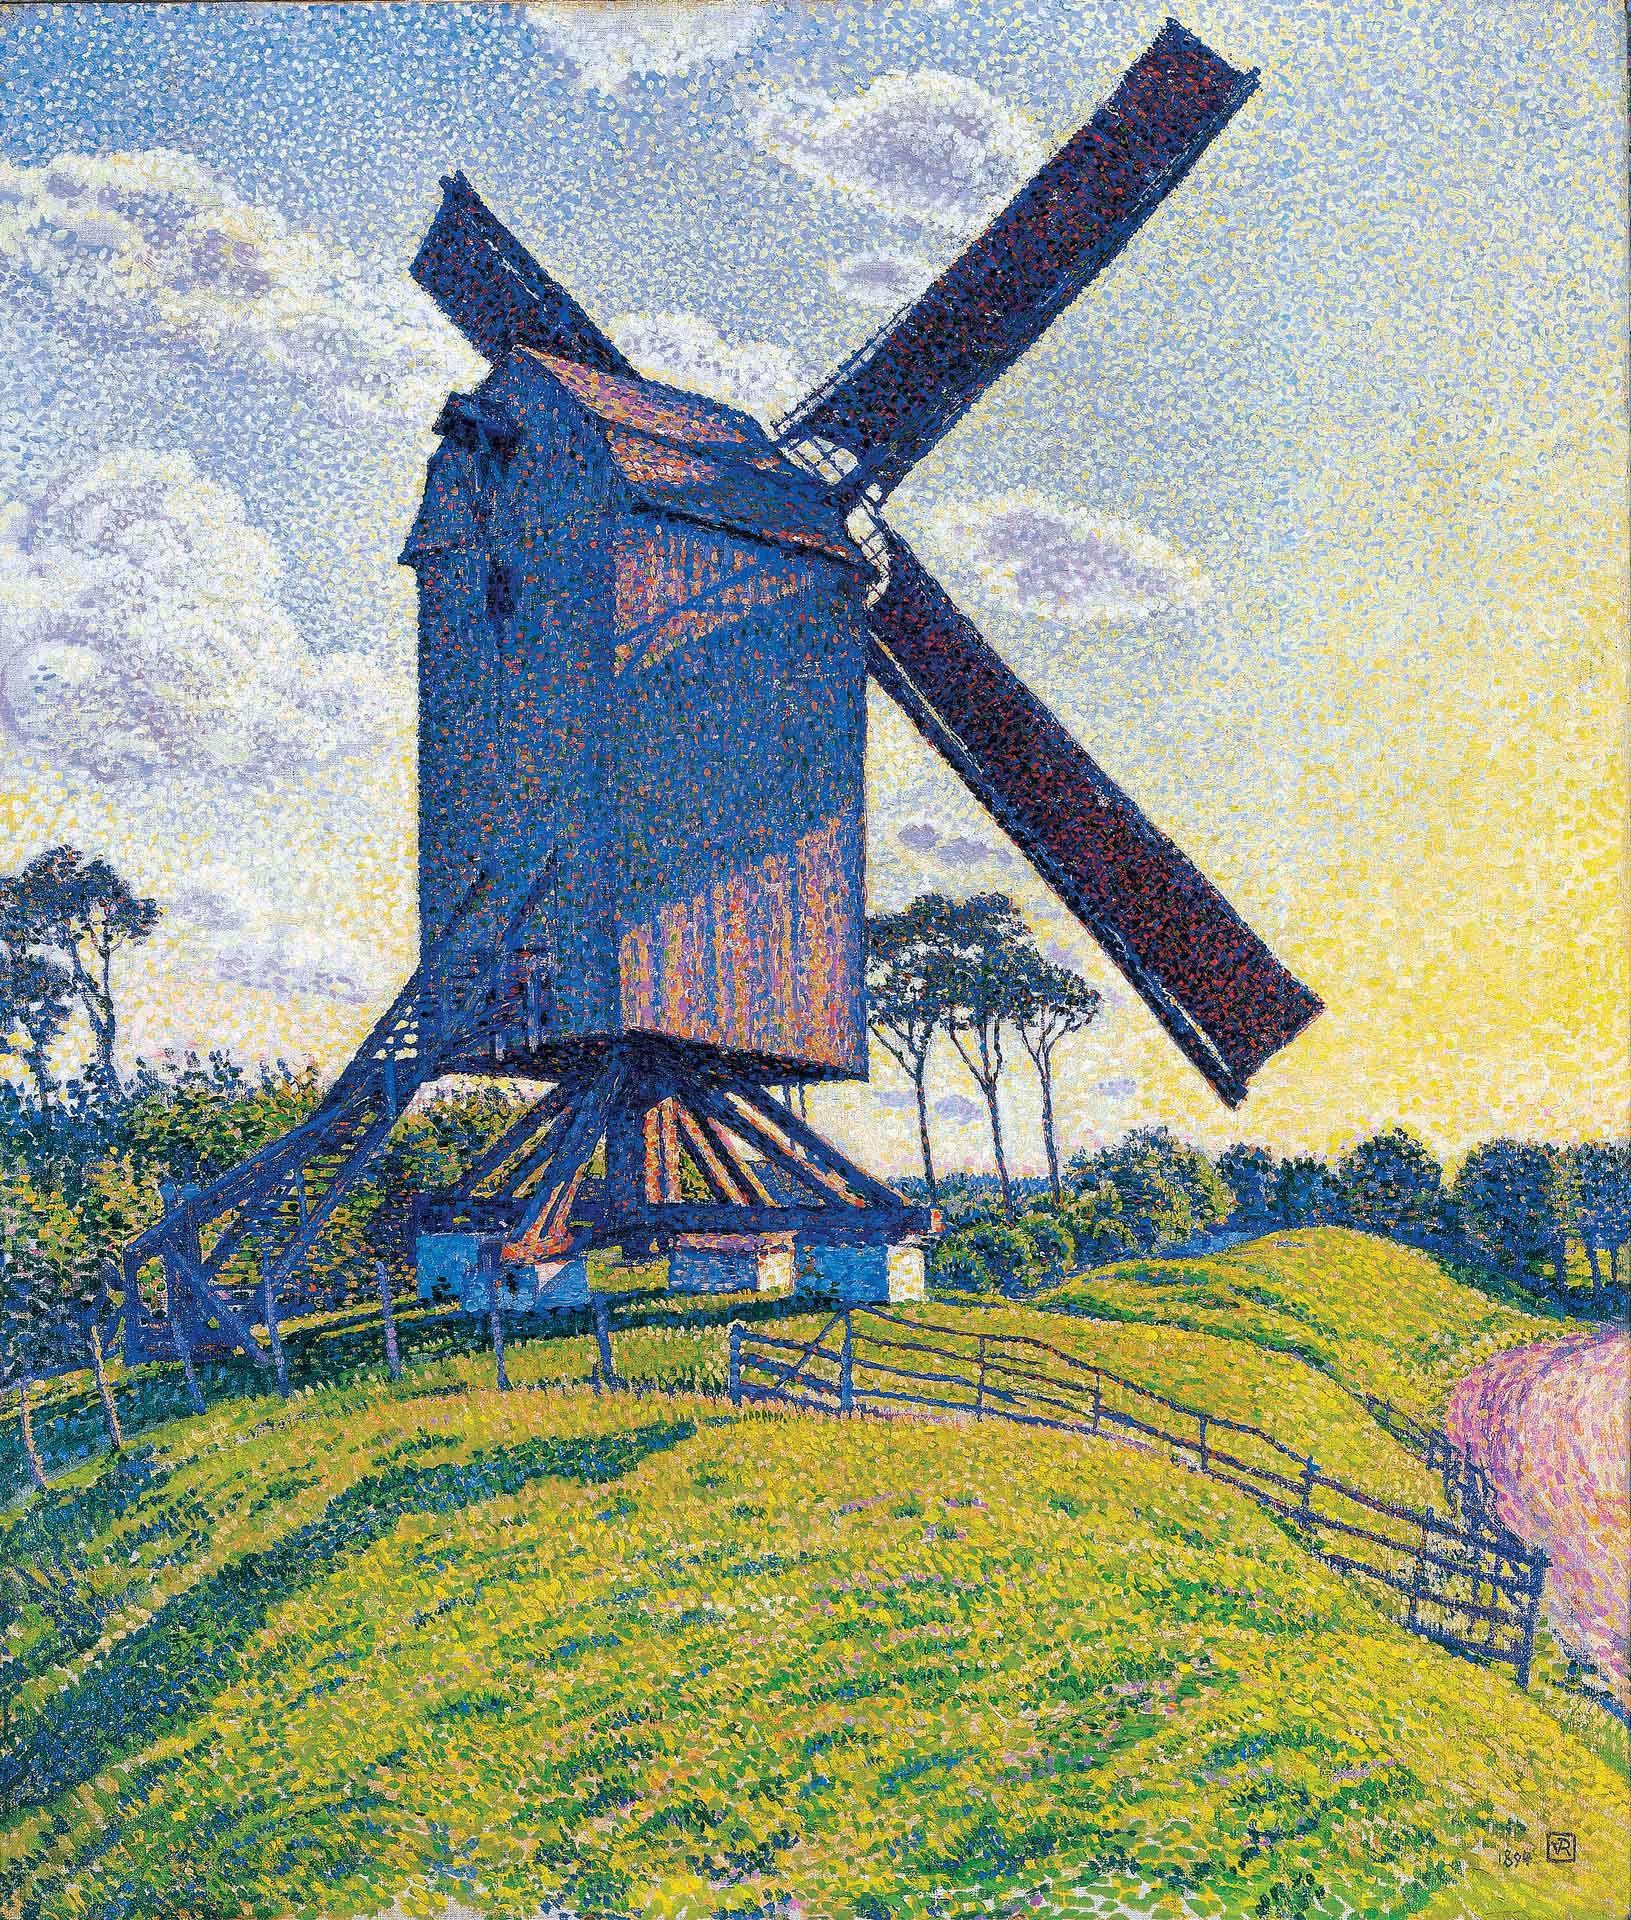 Théo Van Rysselberghe (1862-1926), Le Moulin du Kalf à Knokke ou Moulin en Flandre, 1894. Collection particulière